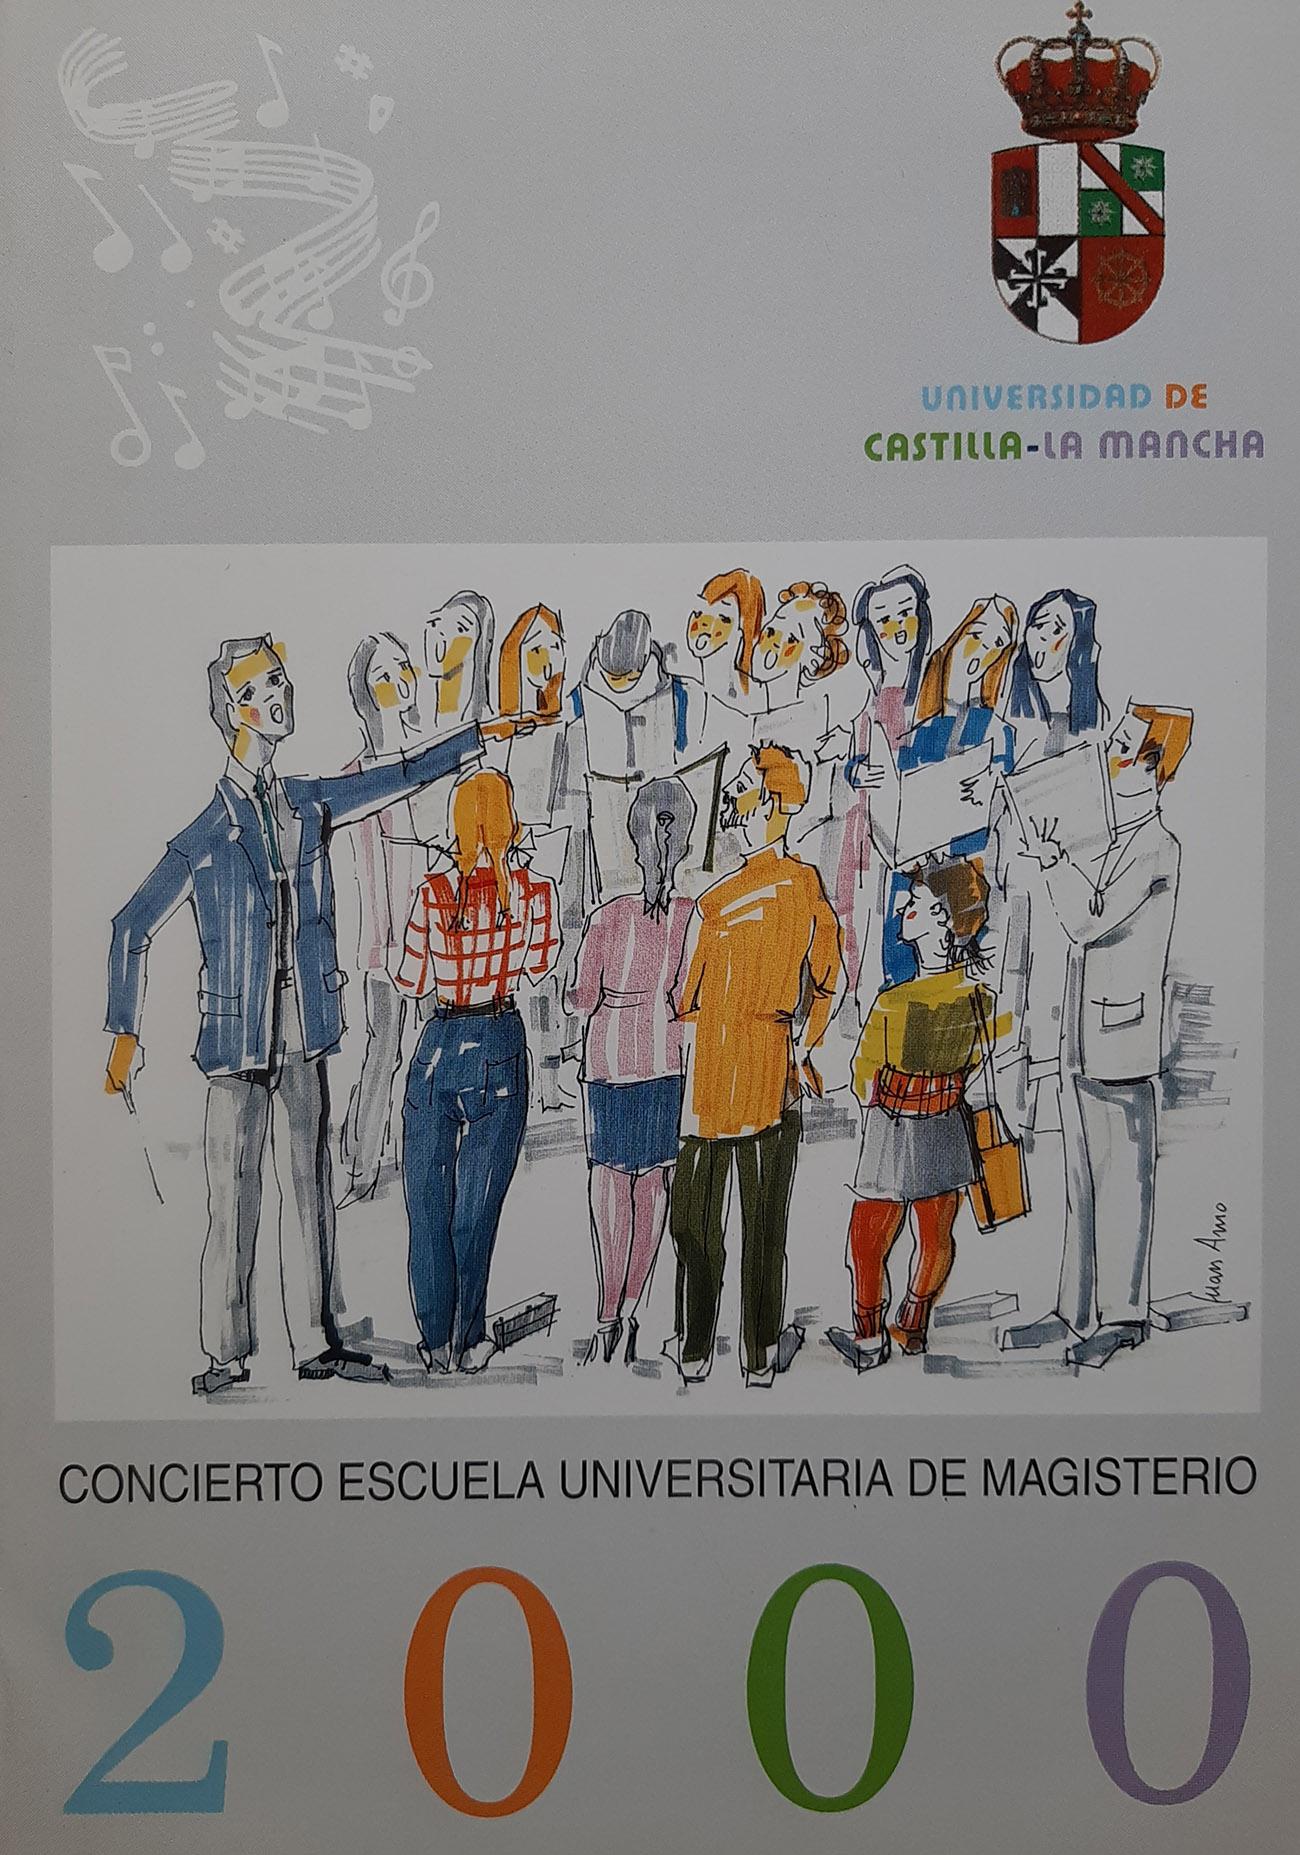 Juan Amo. (2000). CARTEL. Concierto Escuela Universitaria de Magisterio.